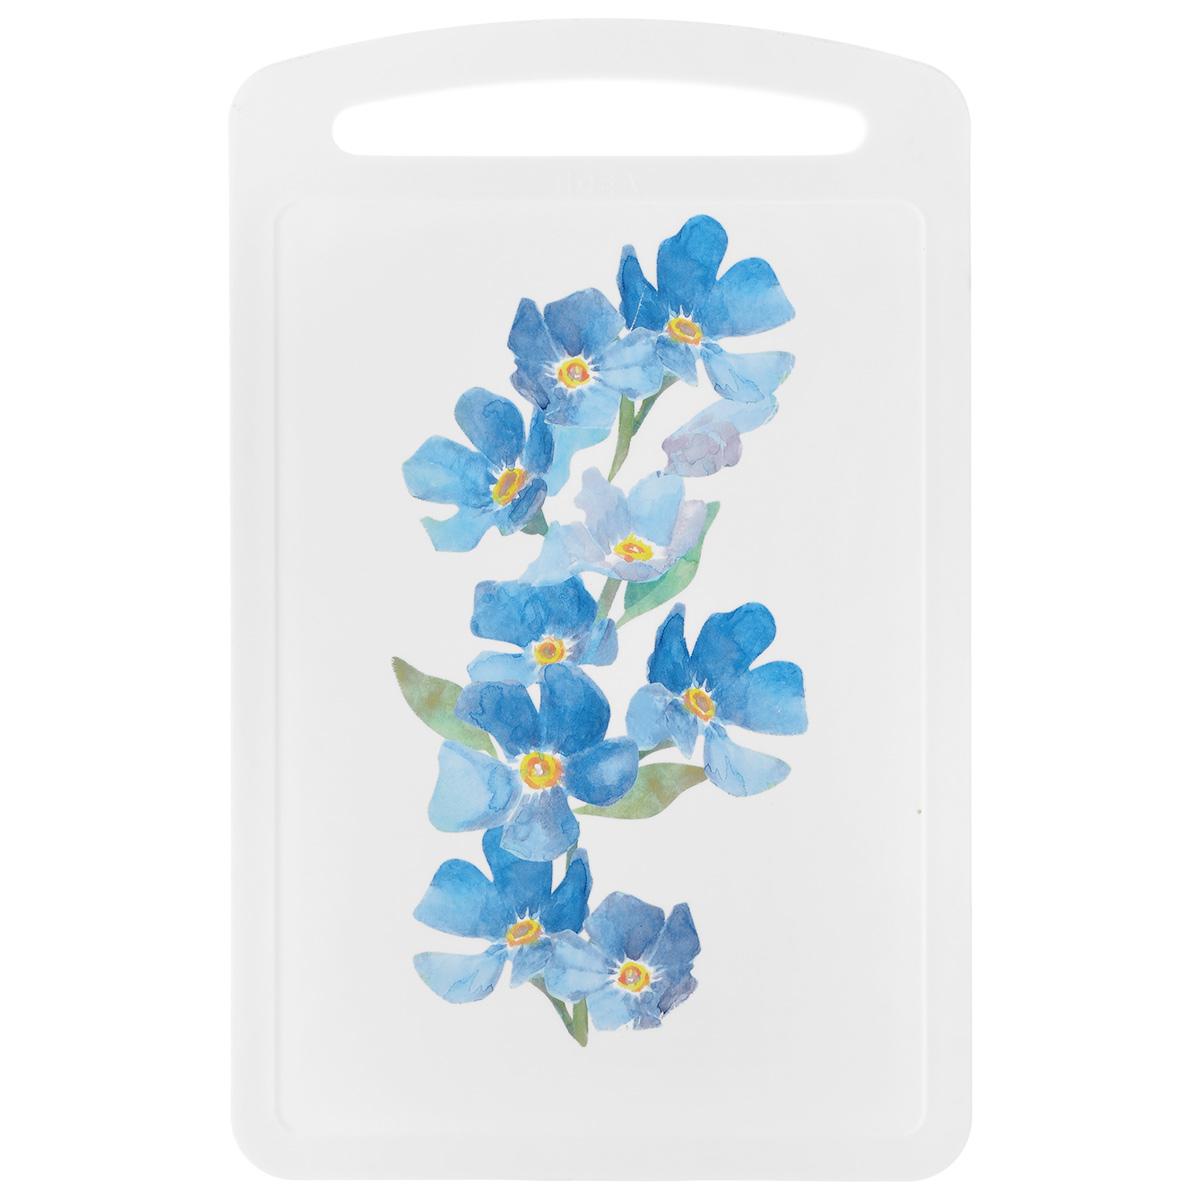 Доска разделочная Idea Голубые цветы, 27,5 см х 17 смCM000001328Разделочная доска Idea Голубые цветы изготовлена из высококачественного пищевого пластика с красивым цветочным рисунком. Изделие снабжено ручкой и желобками по краю для стока жидкости.